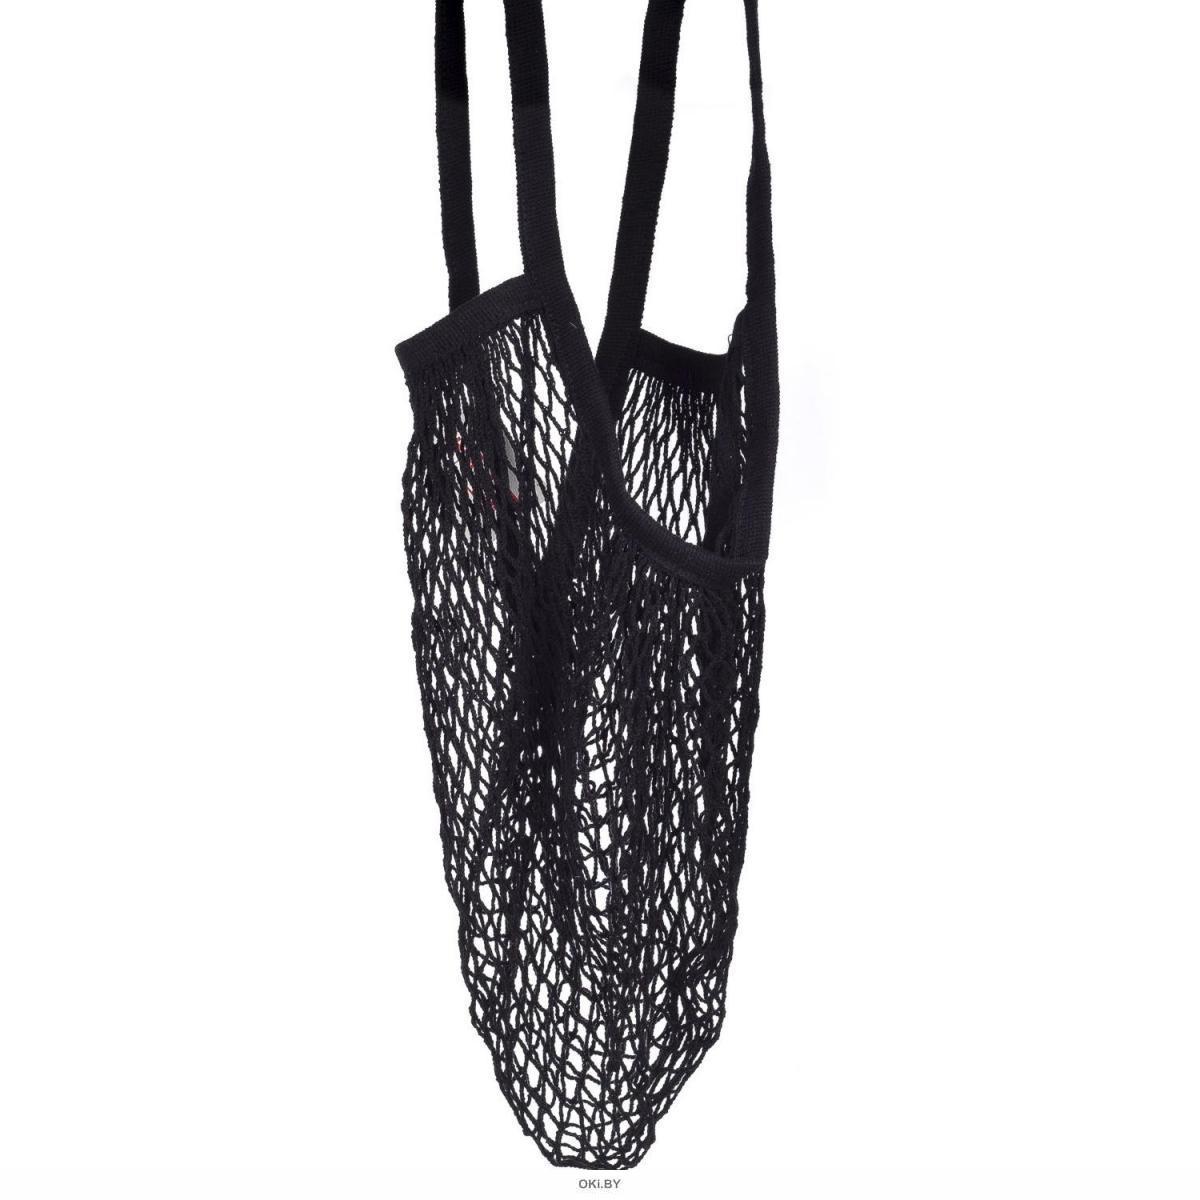 СУМКА ХОЗЯЙСТВЕННАЯ текстильная авоська (арт. 27740819, код 216208)